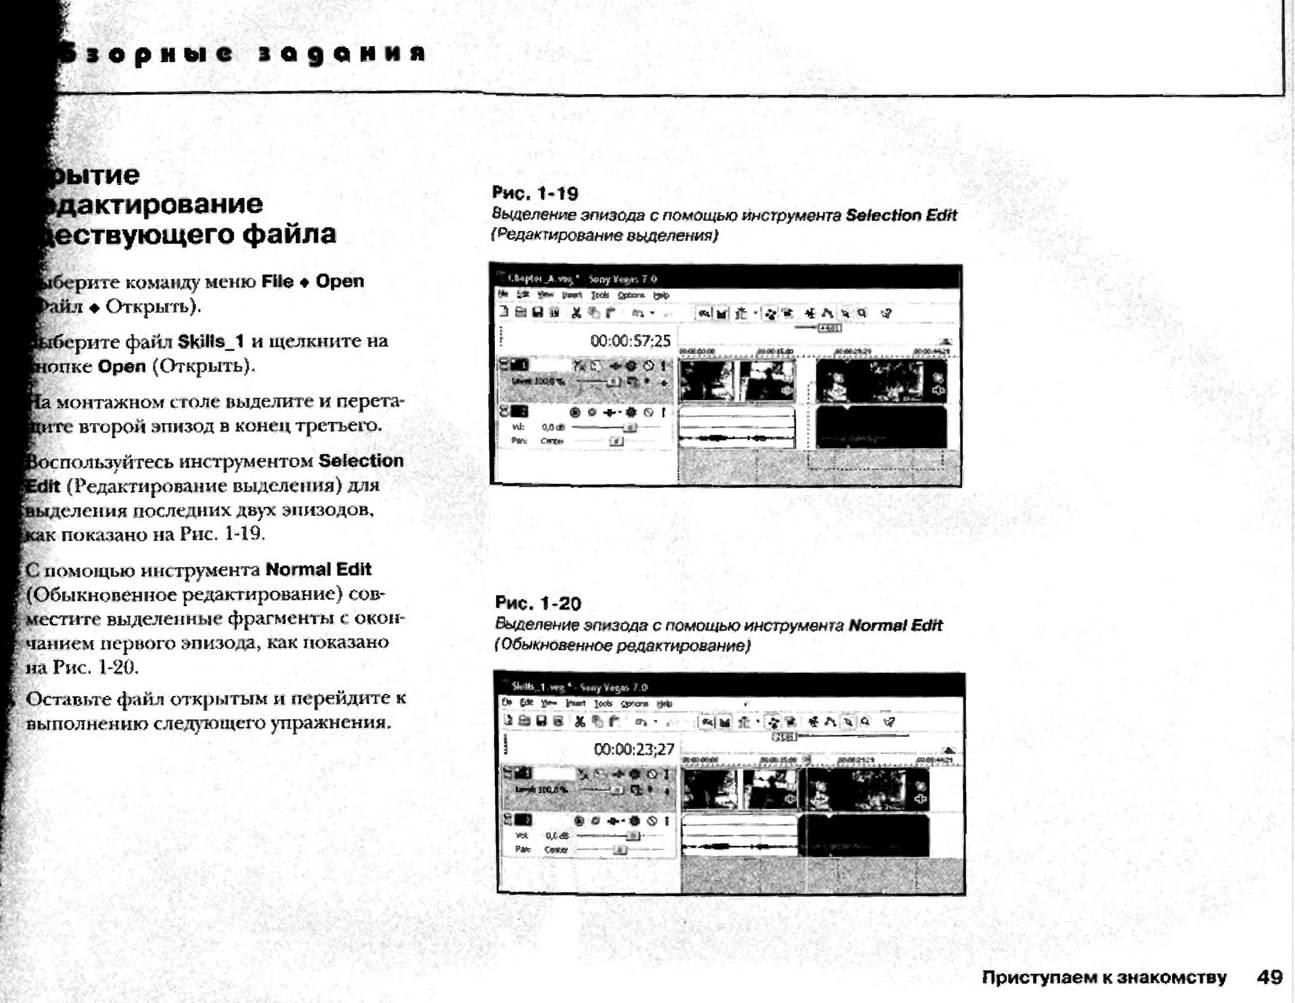 http://redaktori-uroki.3dn.ru/_ph/12/98695426.jpg